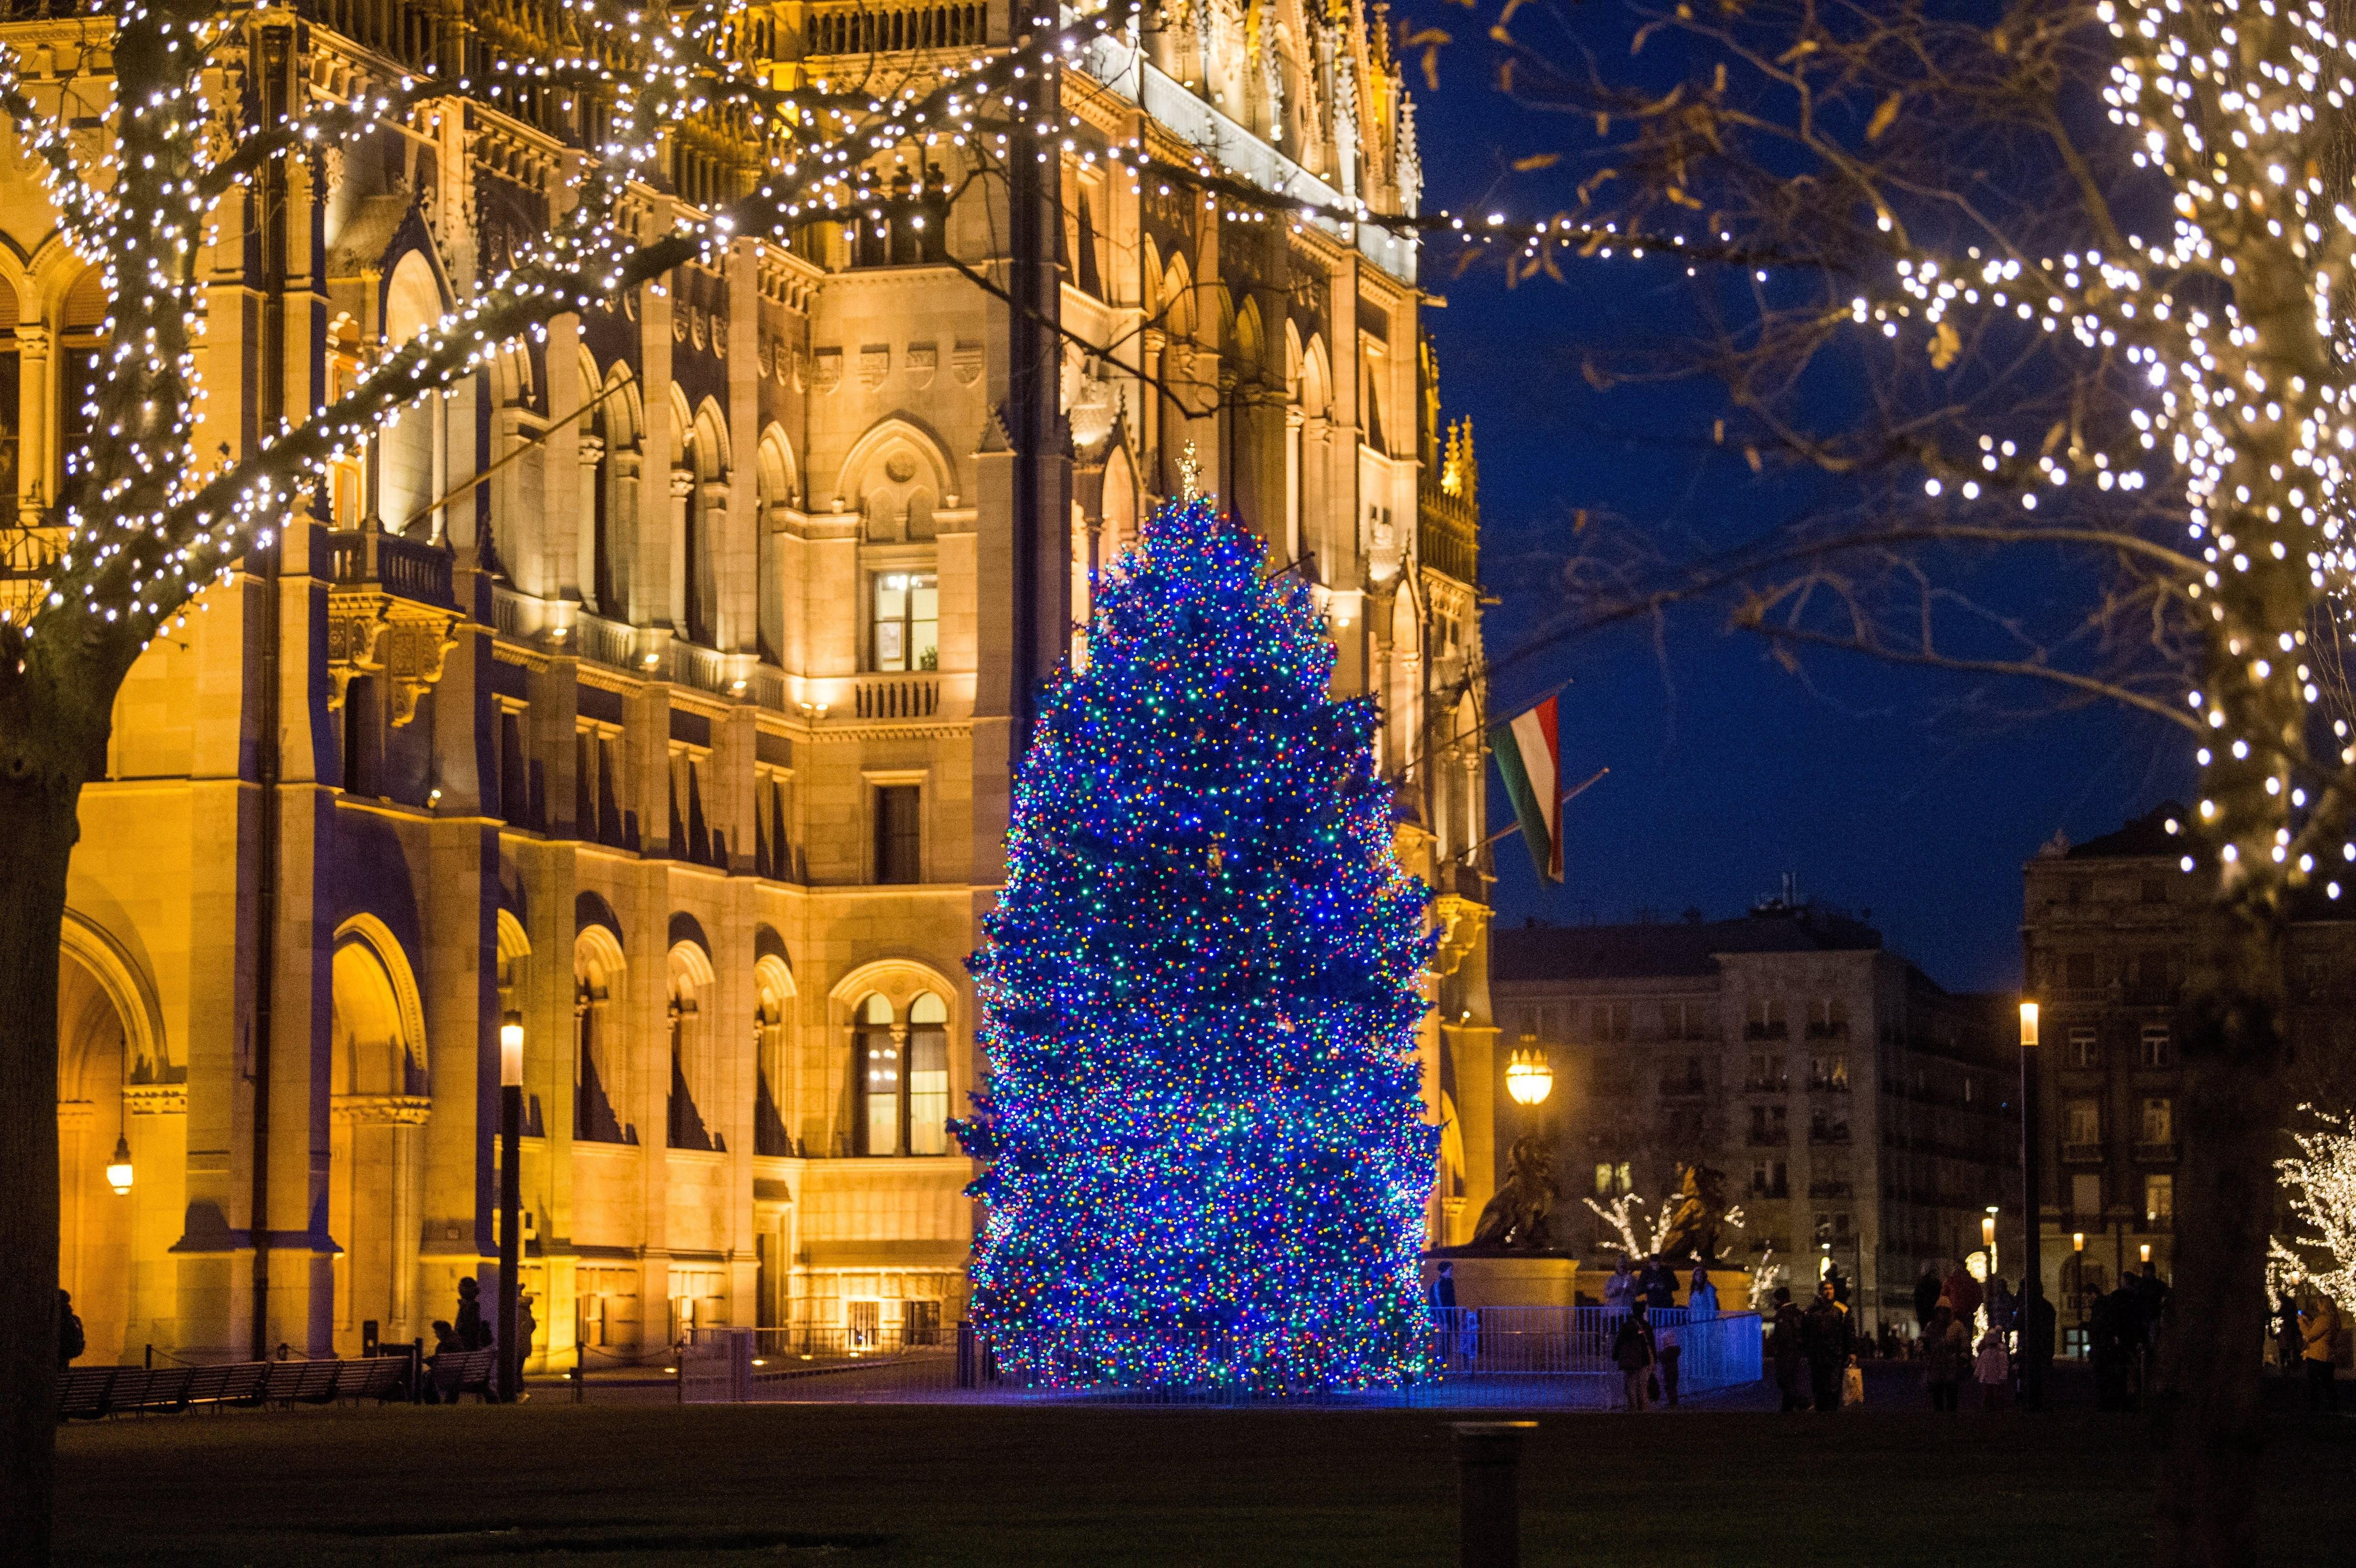 Az ország karácsonyfája az Országház előtt - fotók